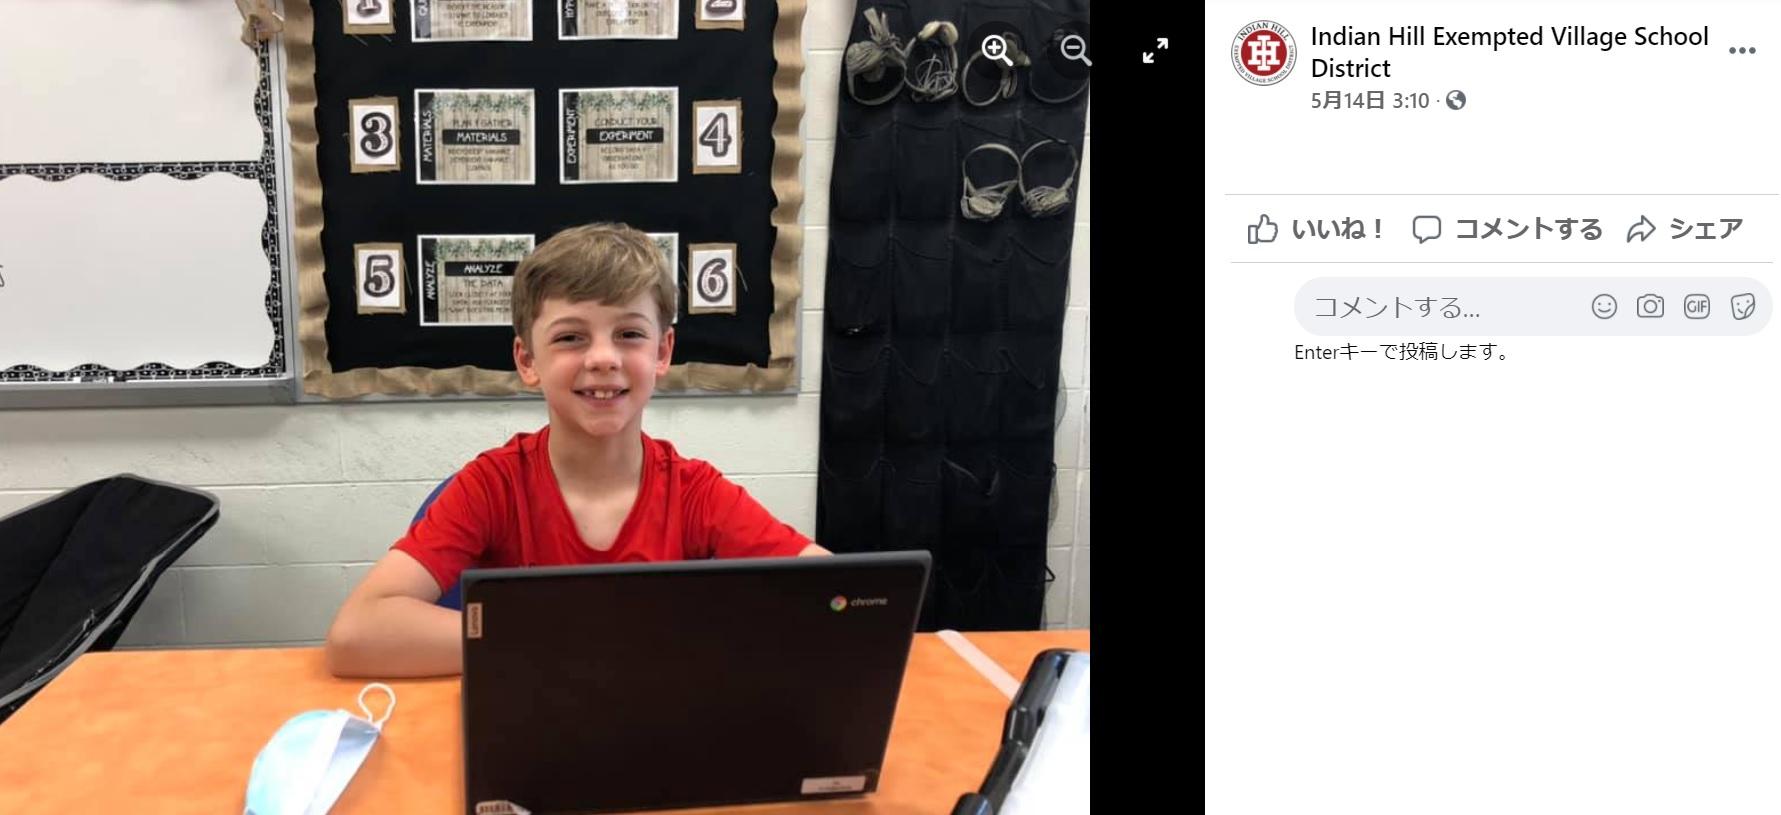 あるアイディアで読書をより楽しんだ9歳男児(画像は『Indian Hill Exempted Village School District 2021年5月14日付Facebook「Our thoughtful IHES student Eli set up a cozy virtual fire to enjoy his book beside during Refresh & Reflect time」』のスクリーンショット)